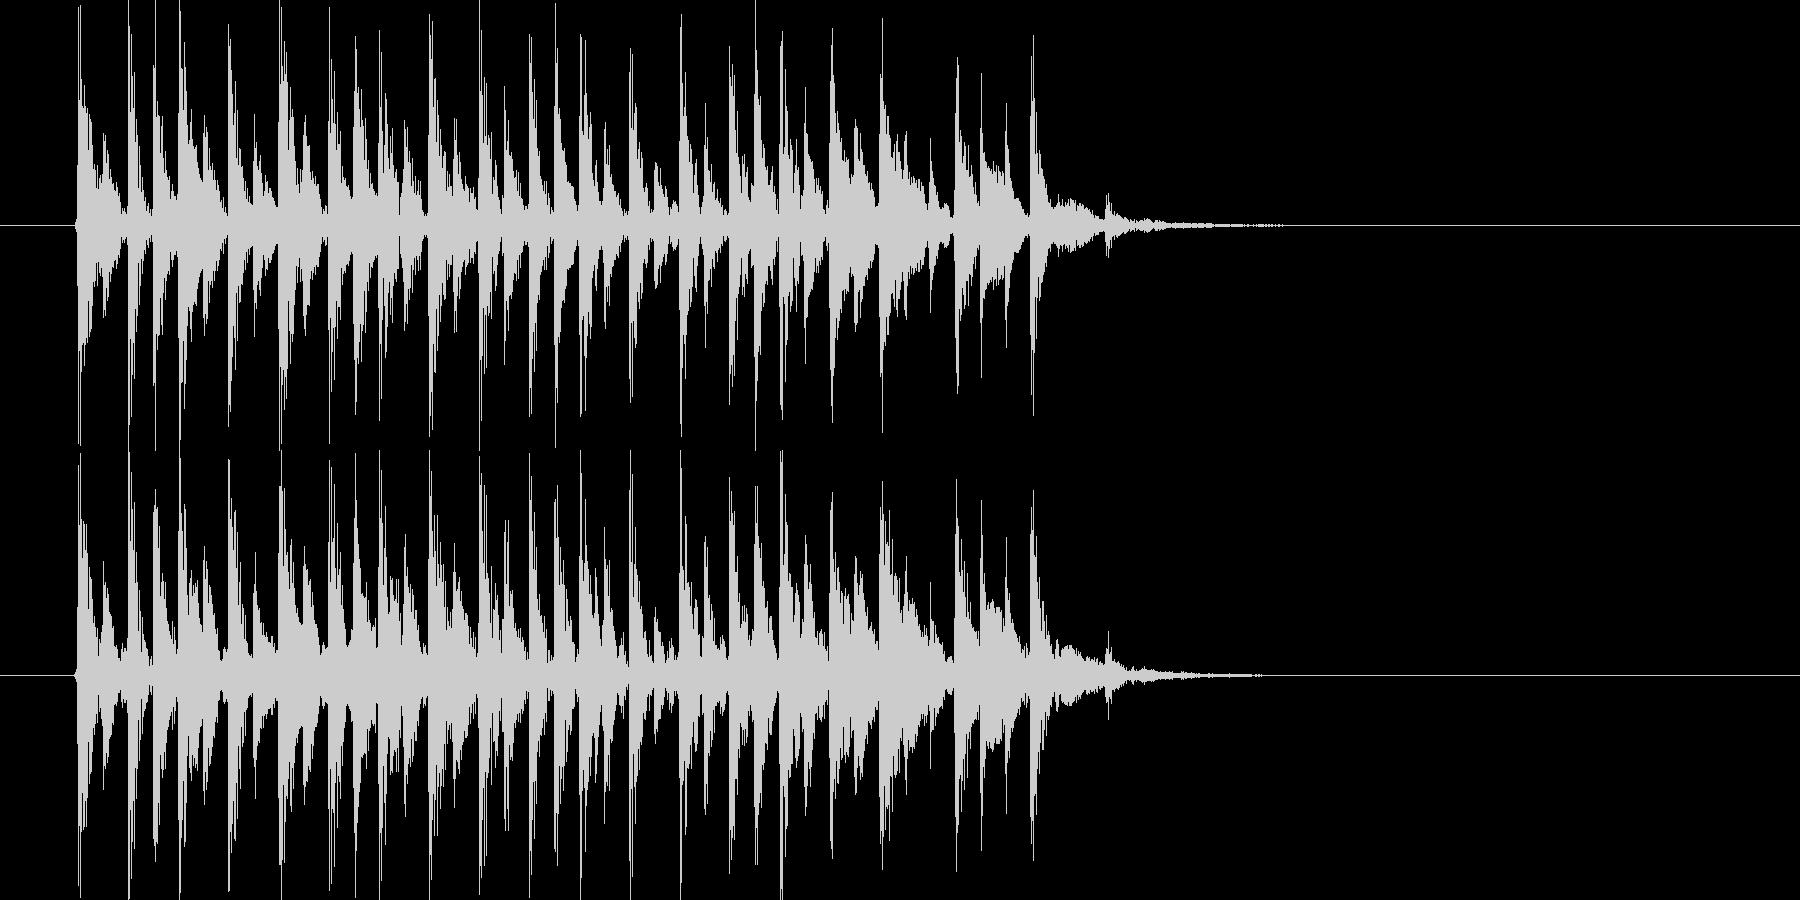 おしゃれで宇宙感のあるシンセサウンドの未再生の波形